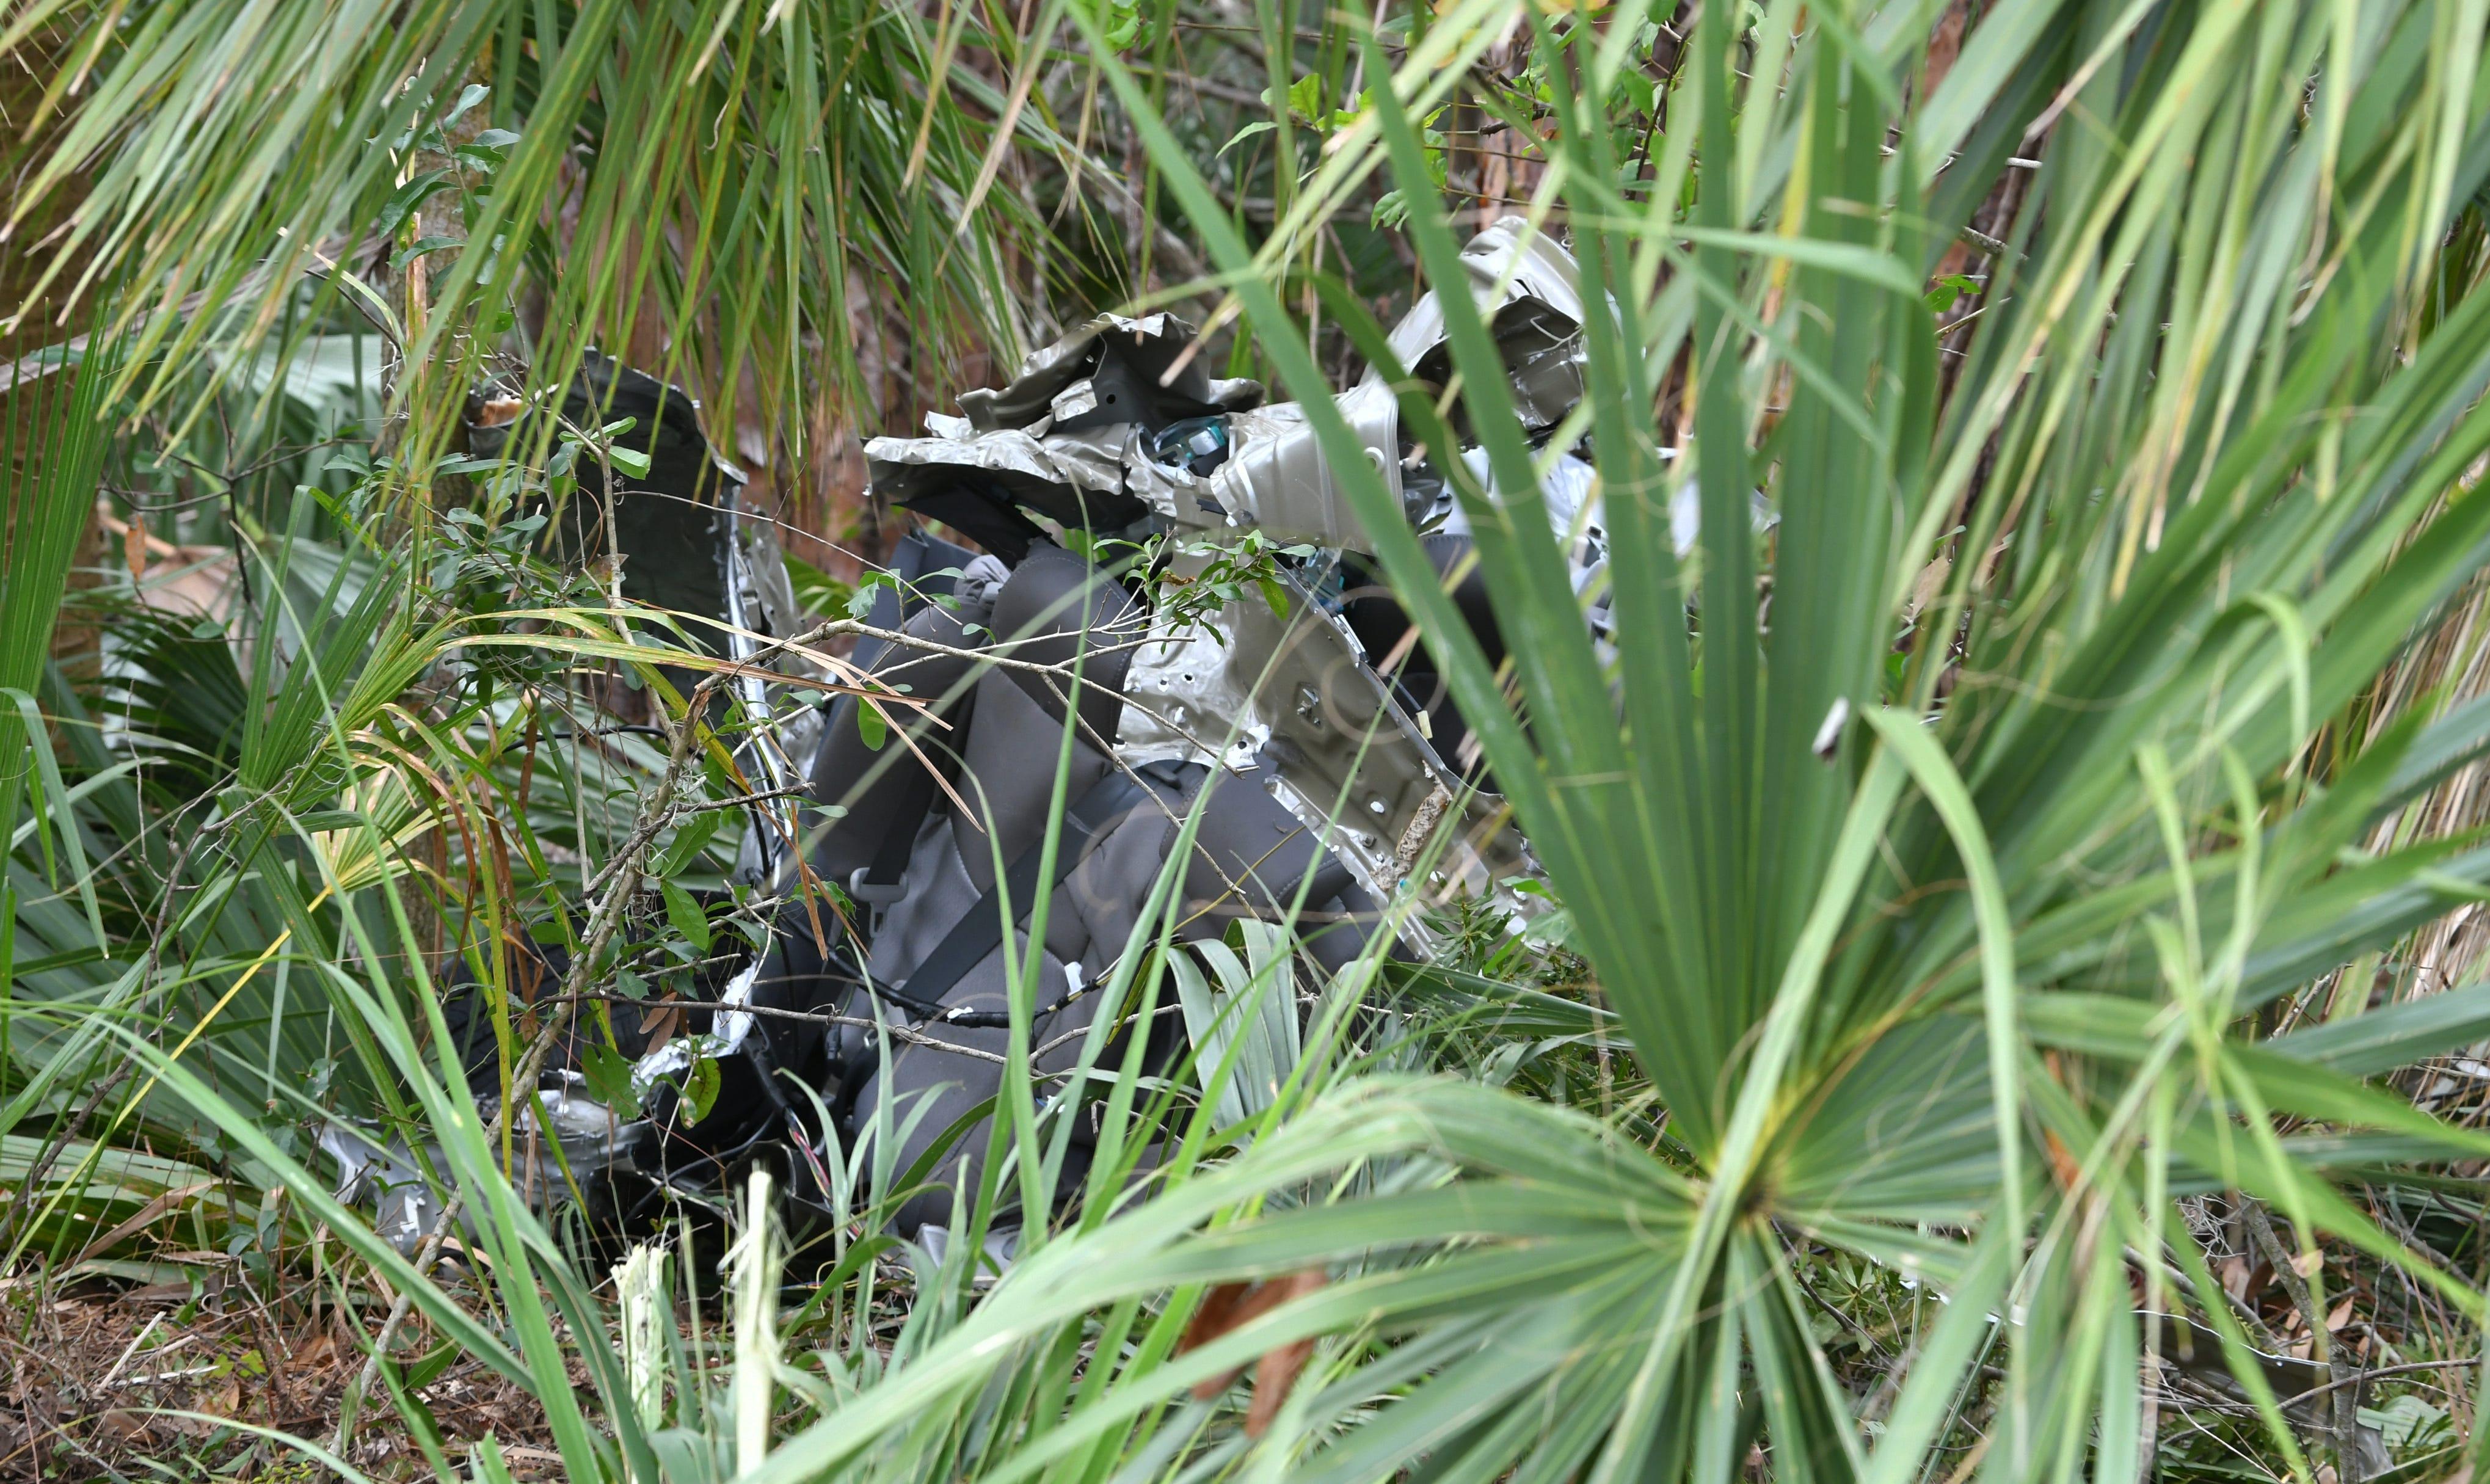 636542334394858976-Fatal-multiple-vehicle-crash-in-Melbourne-7.jpg